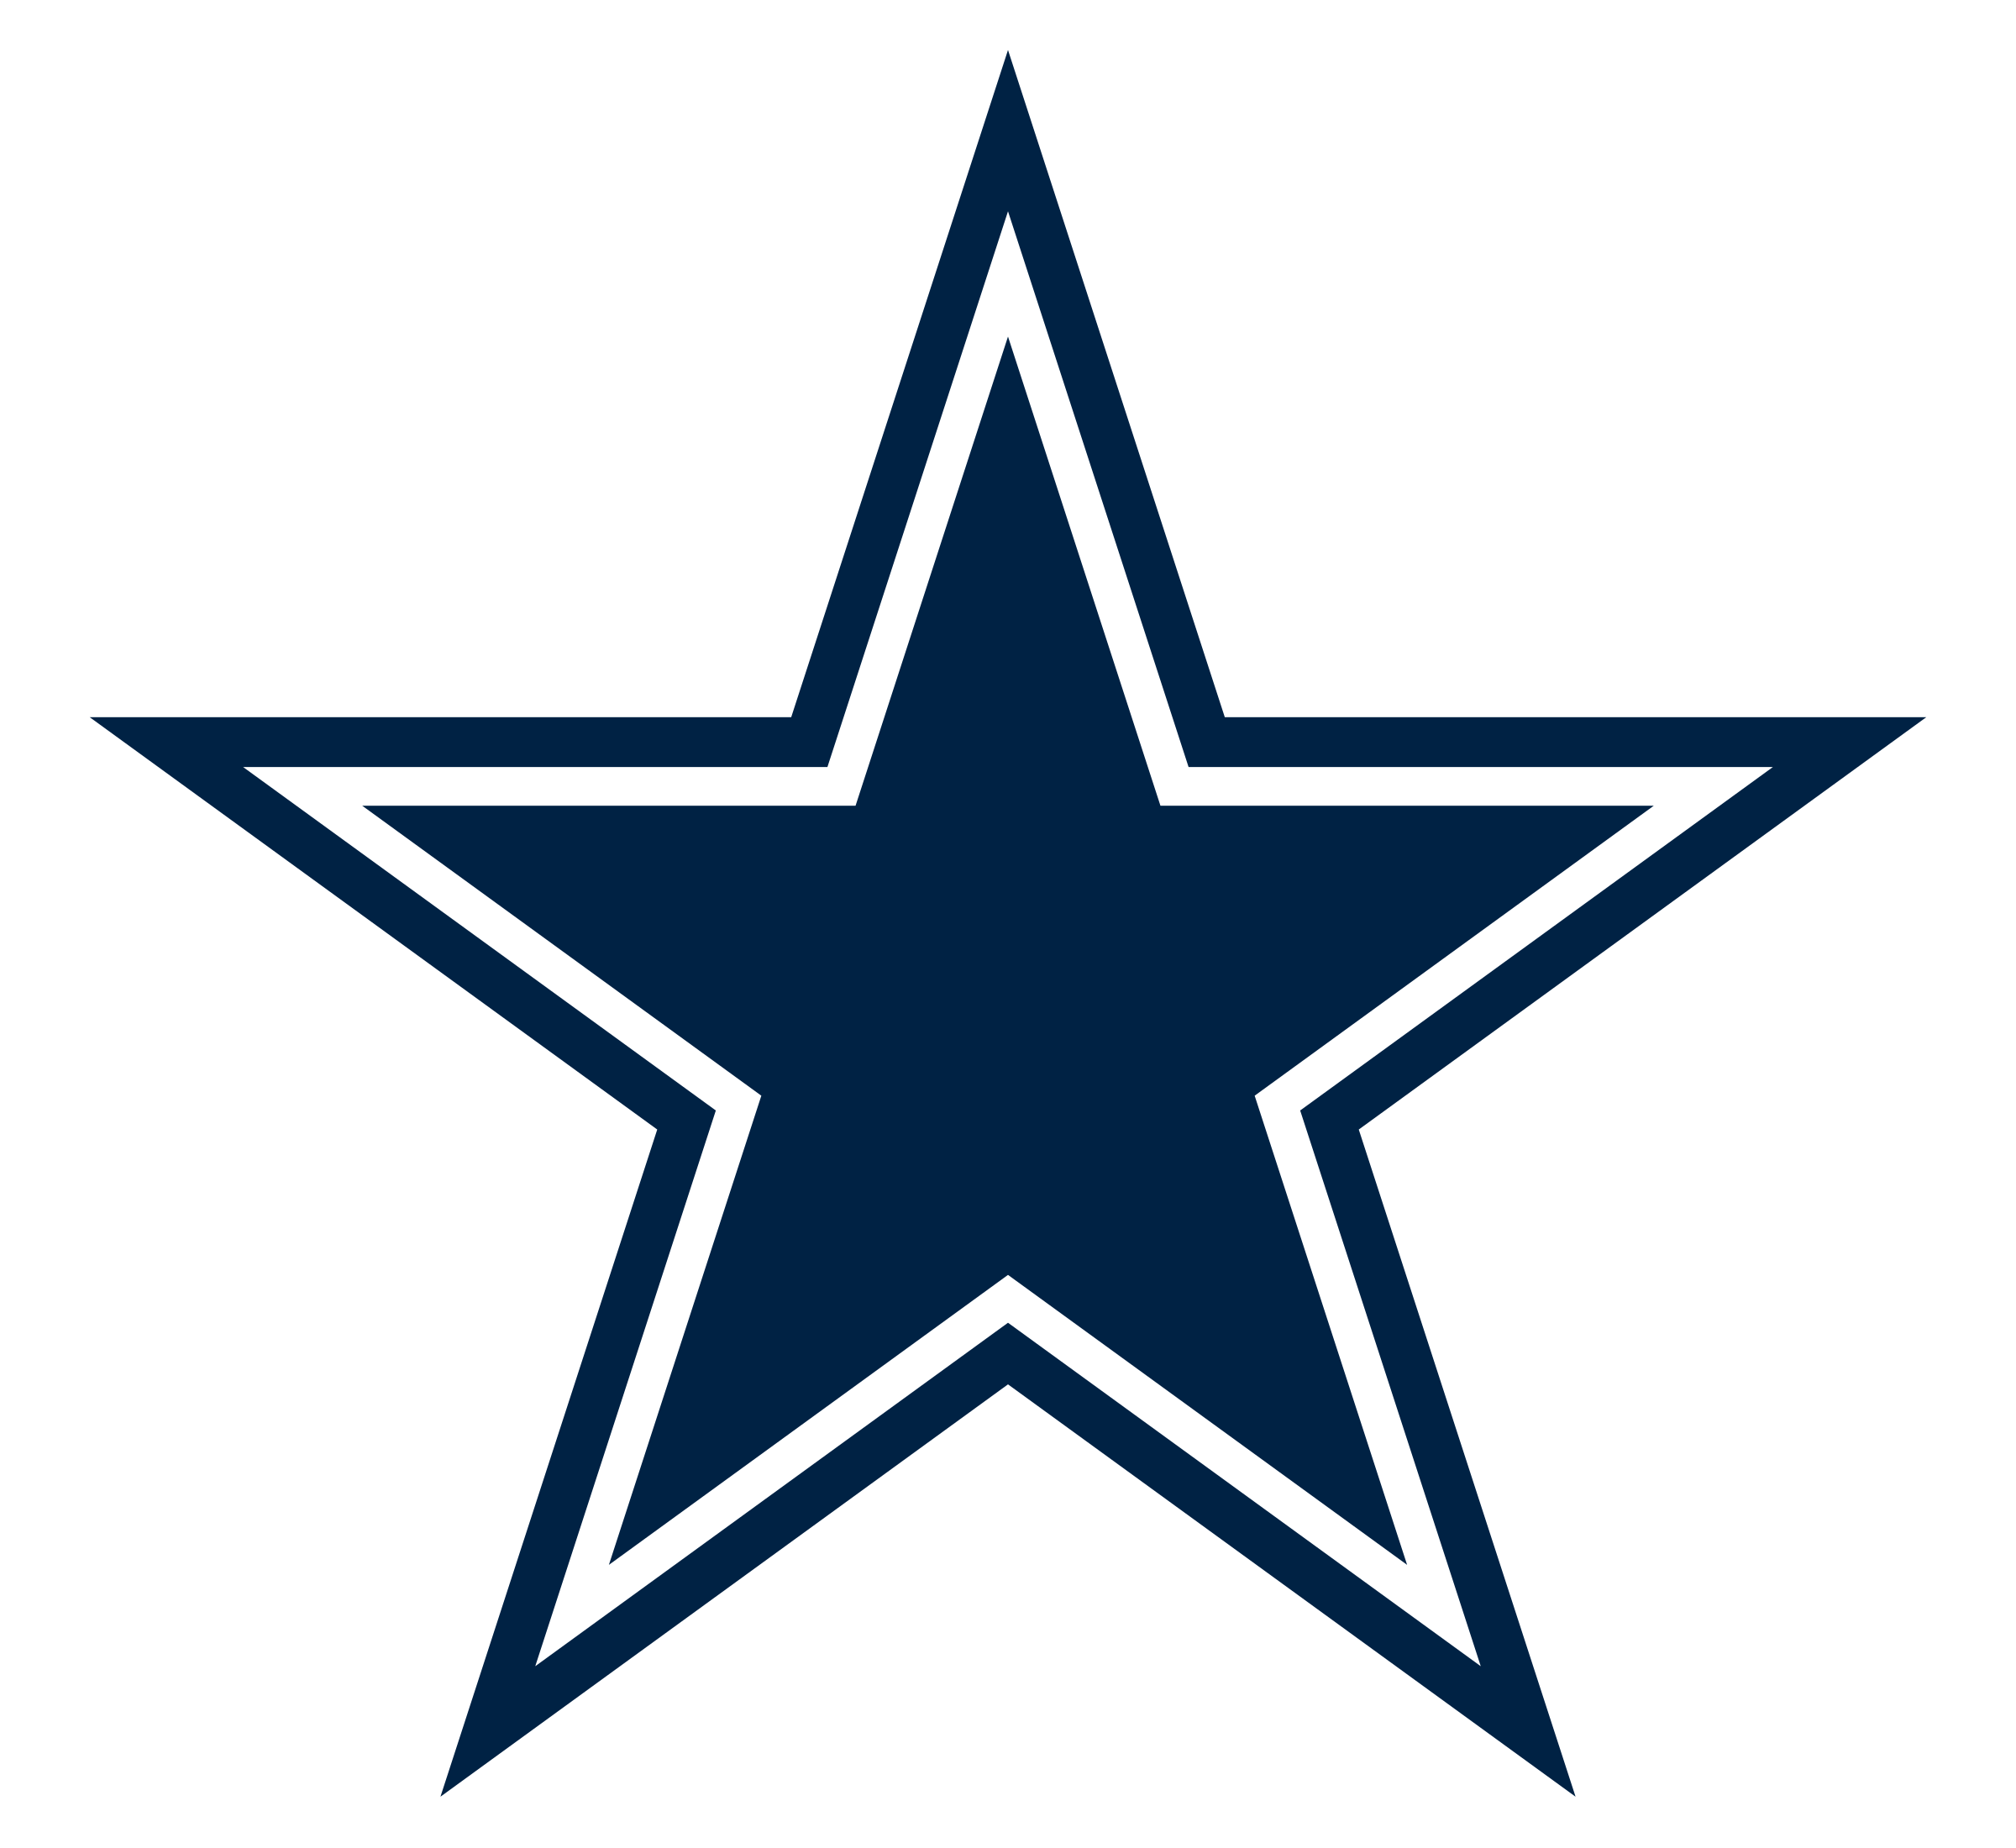 dallas-cowboys-logo-transparent.png